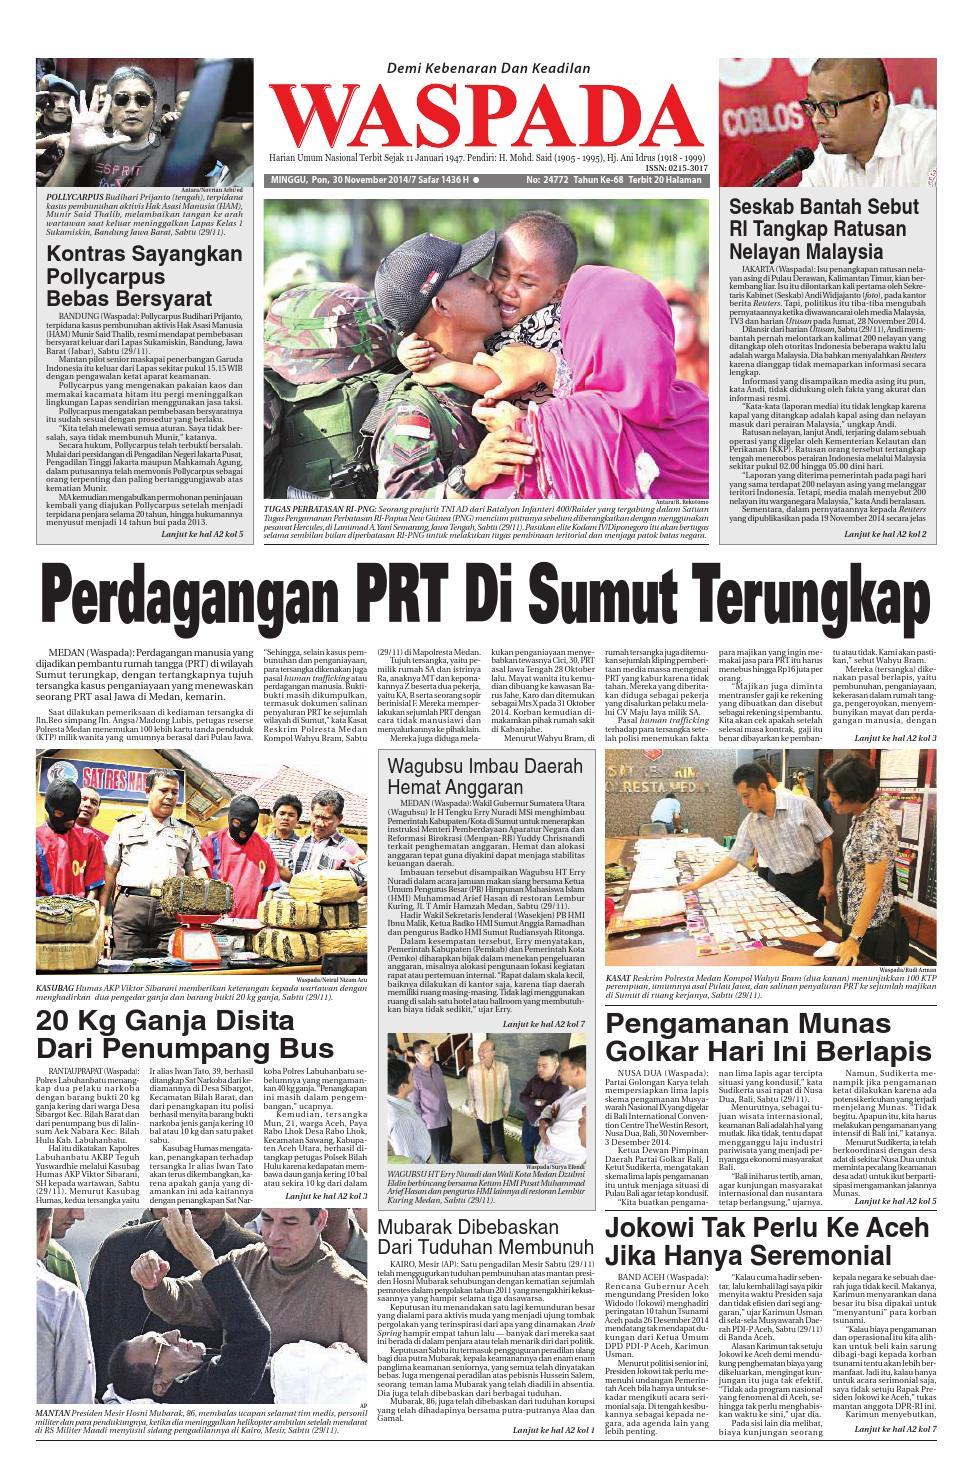 Waspada Minggu 30 November 2014 By Harian Issuu Produk Umkm Bumn Lapis Surabaya Panjang Hj Enong